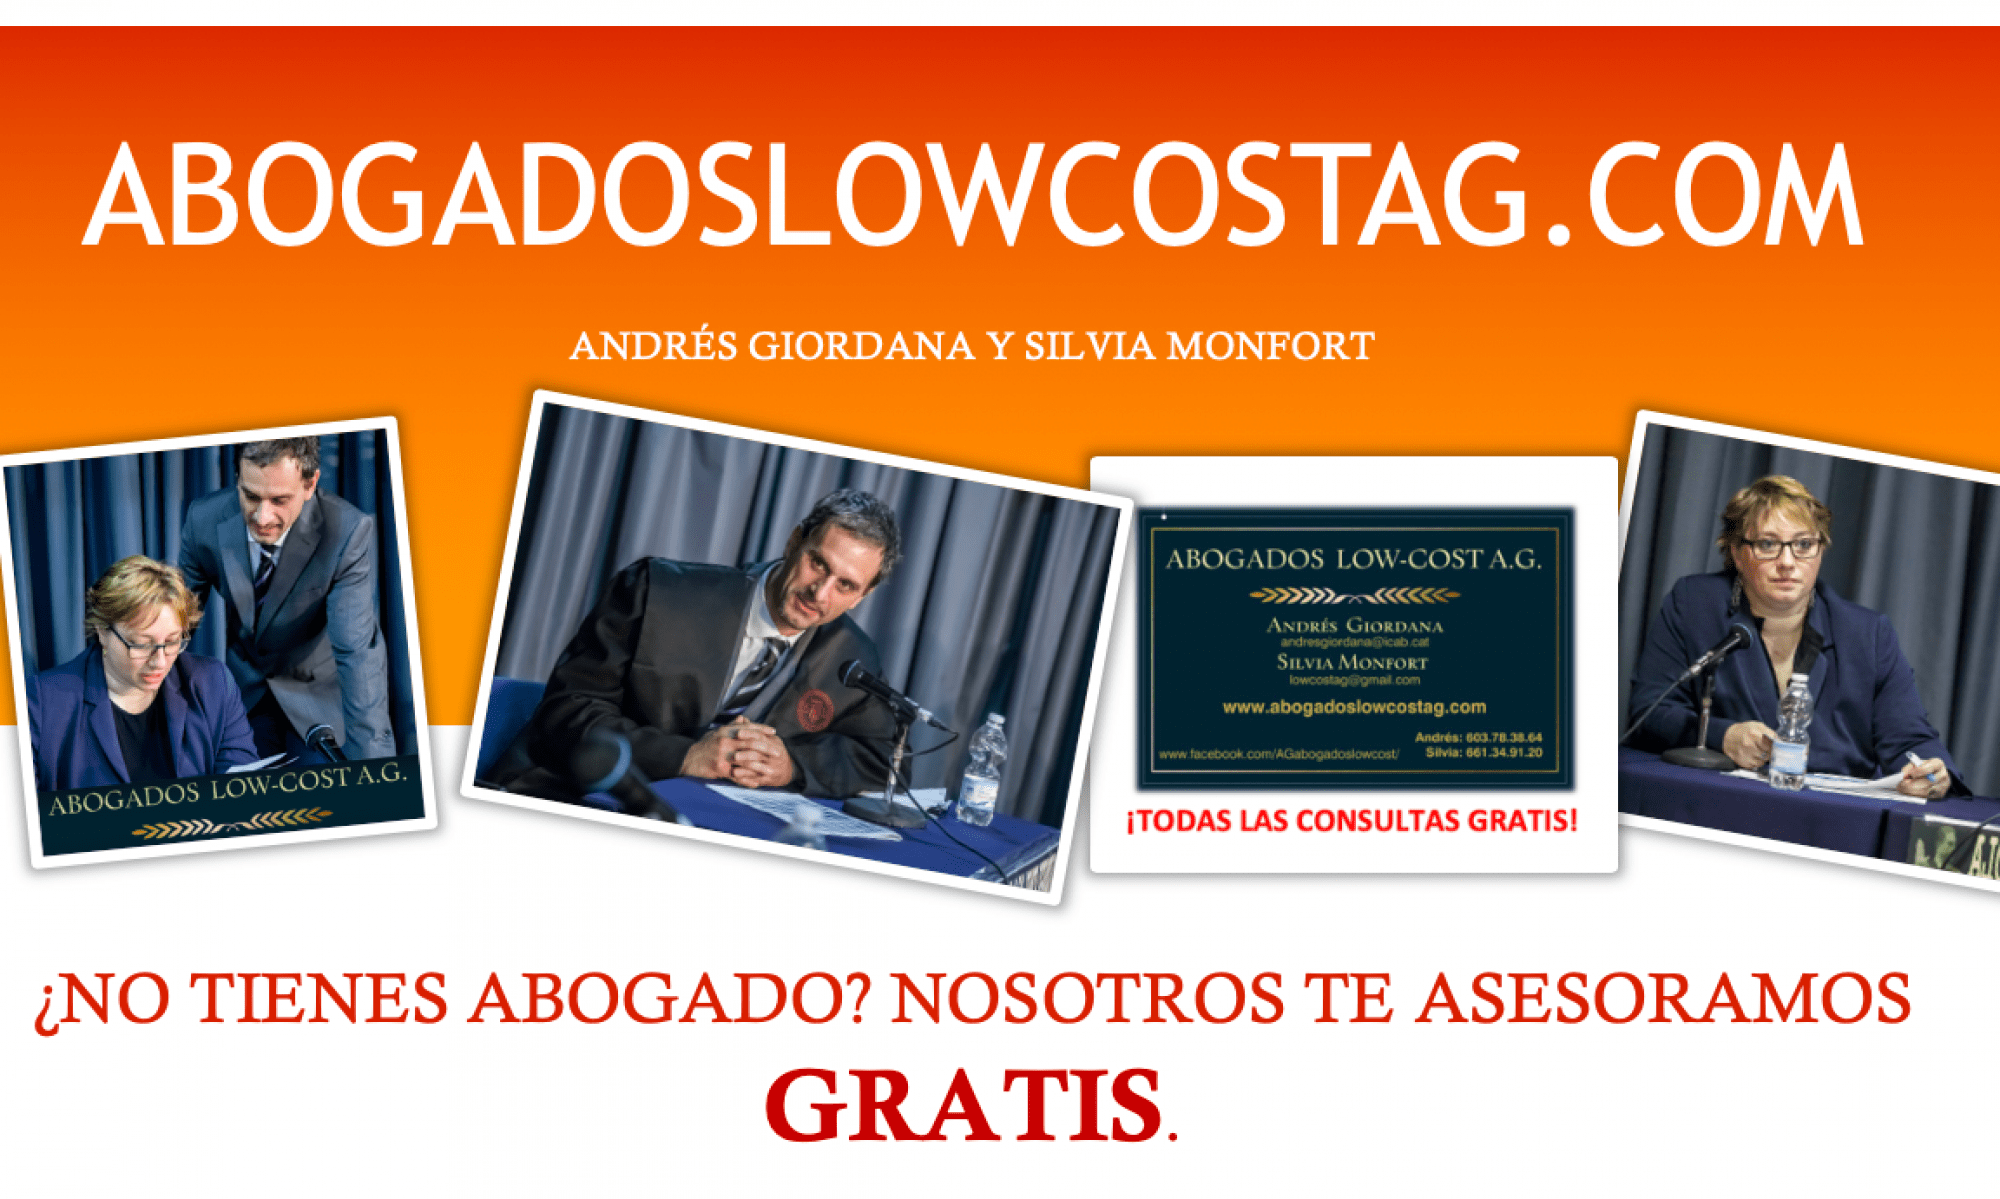 ABOGADOSLOWCOSTAG.COM